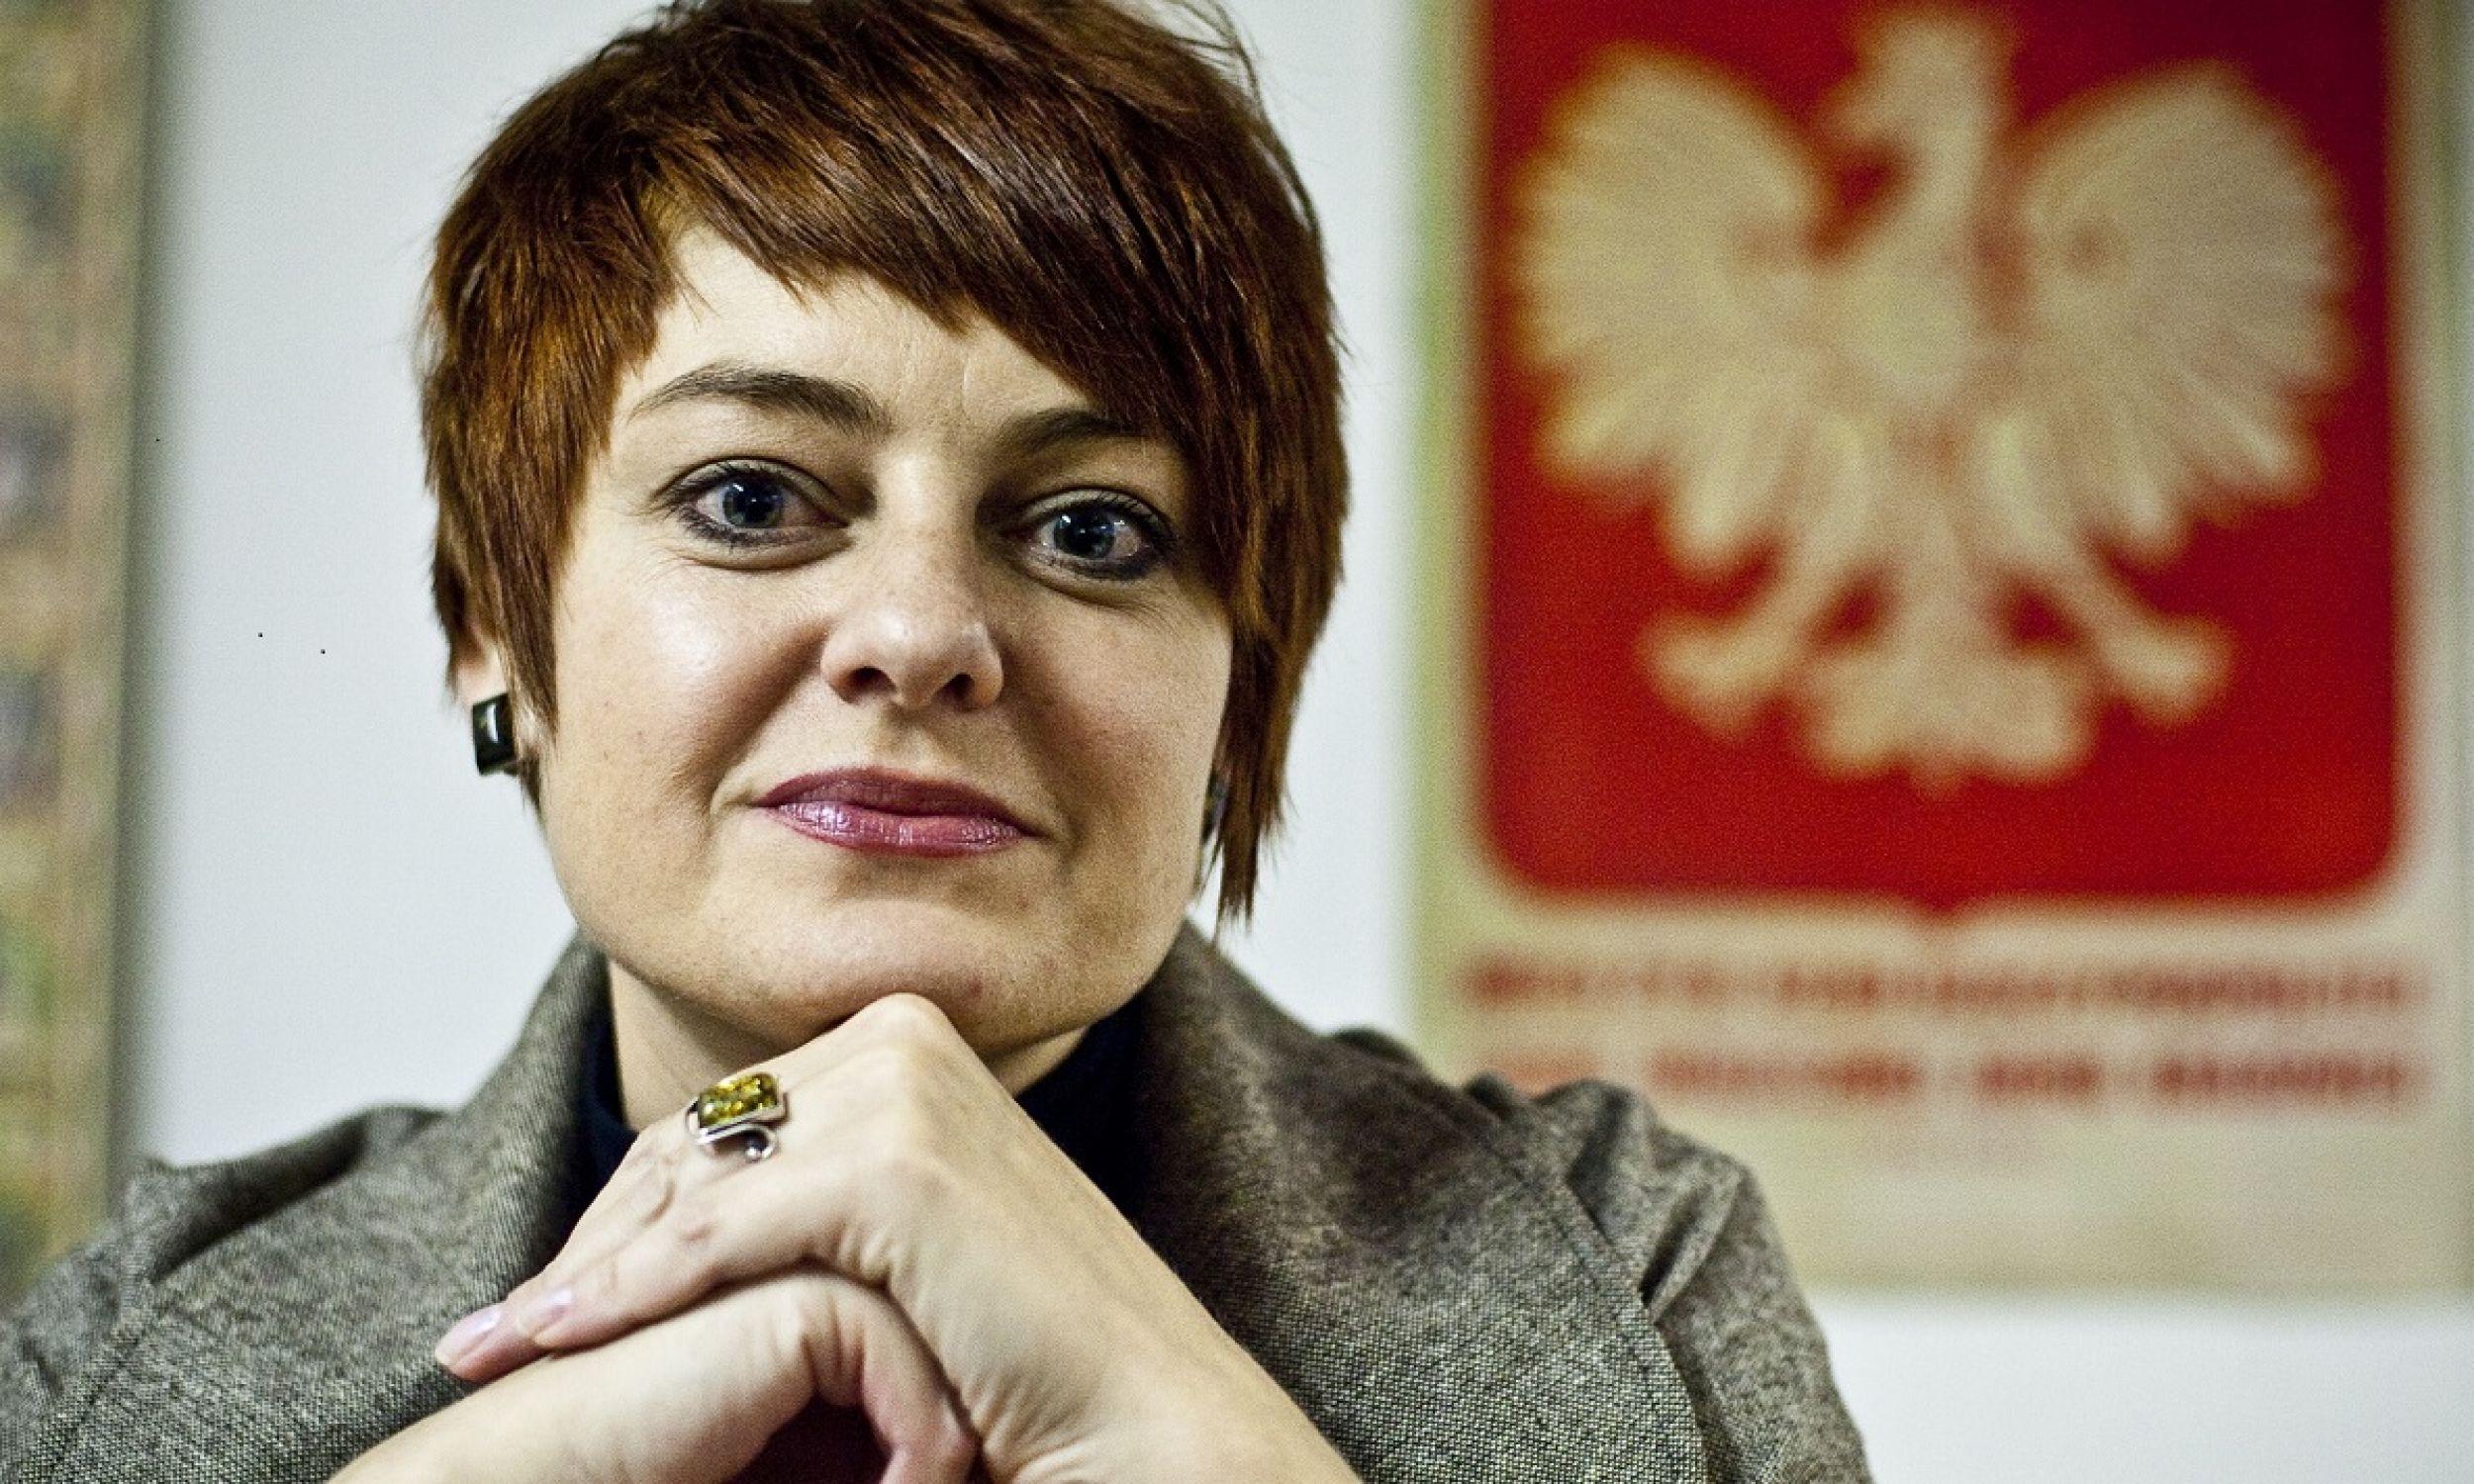 Anżelika Orechwo – działaczka mniejszości polskiej na Białorusi, od 2010 pełniąca obowiązki prezesa Związku Polaków na Białorusi nieuznawanego przez białoruskie władze, a od 2016 prezes Rady Naczelnej ZPB. Zdjęcie zrobione w Grodnie 17 grudnia 2010 roku. Fot. PAP/Wojciech Pacewicz